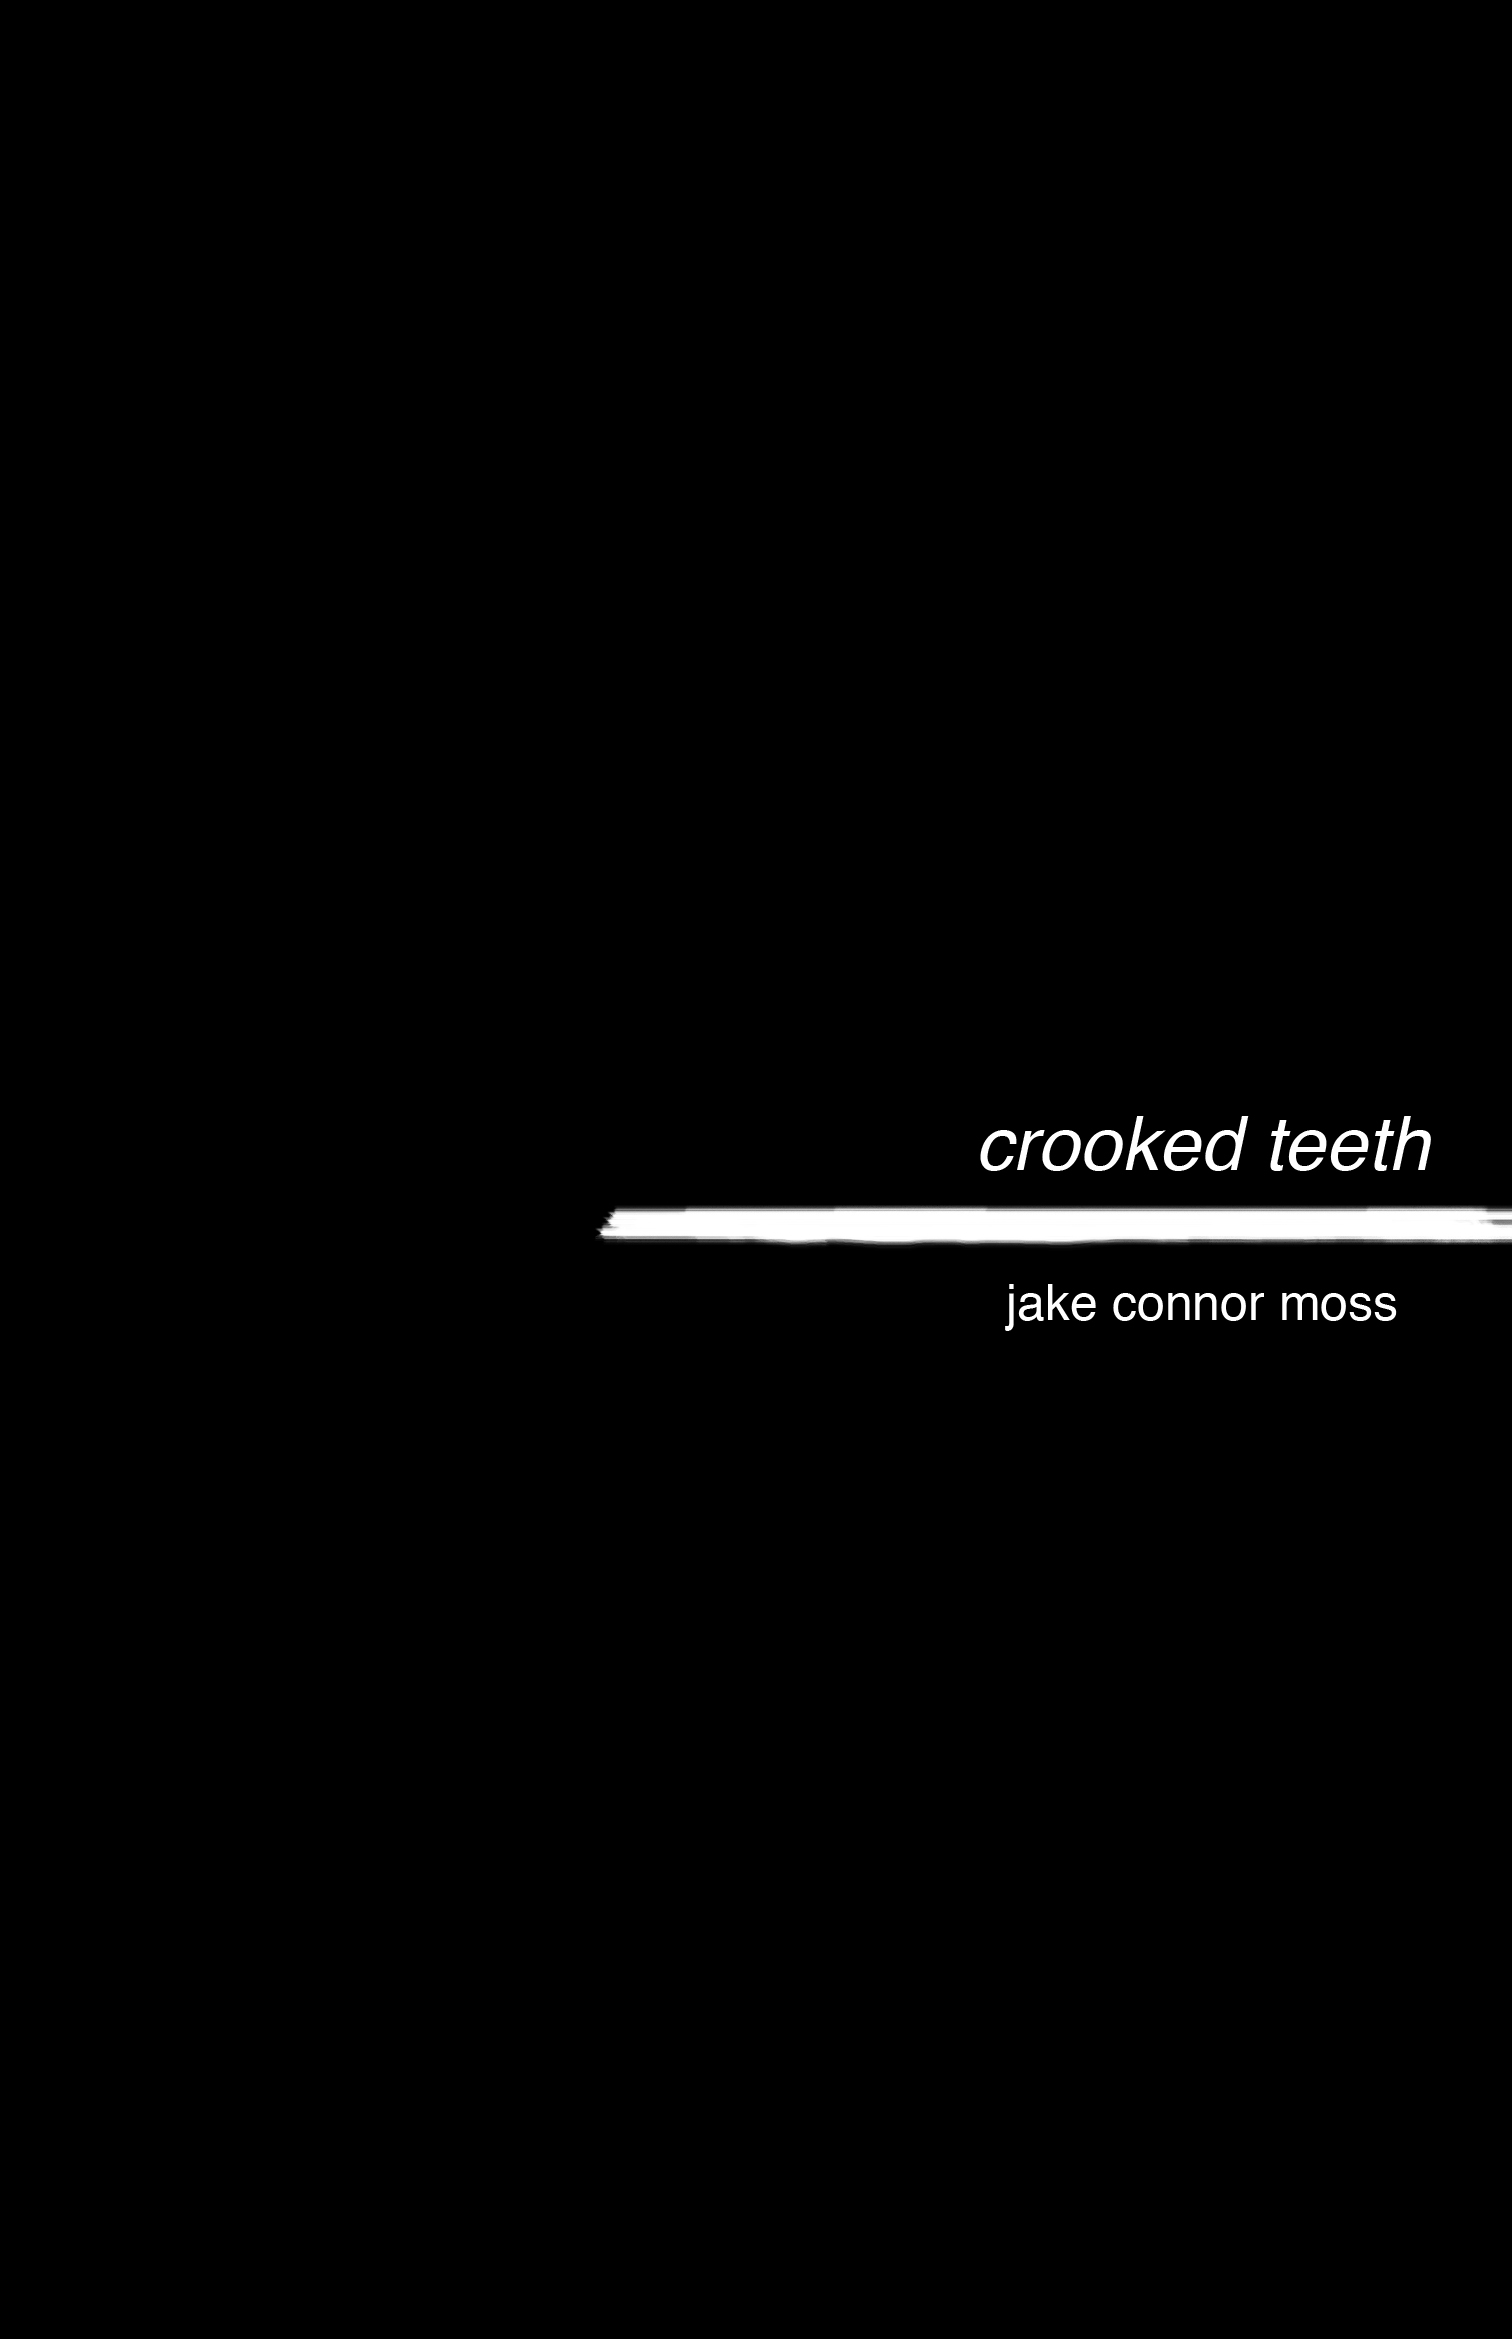 crooked teeth cover.jpg